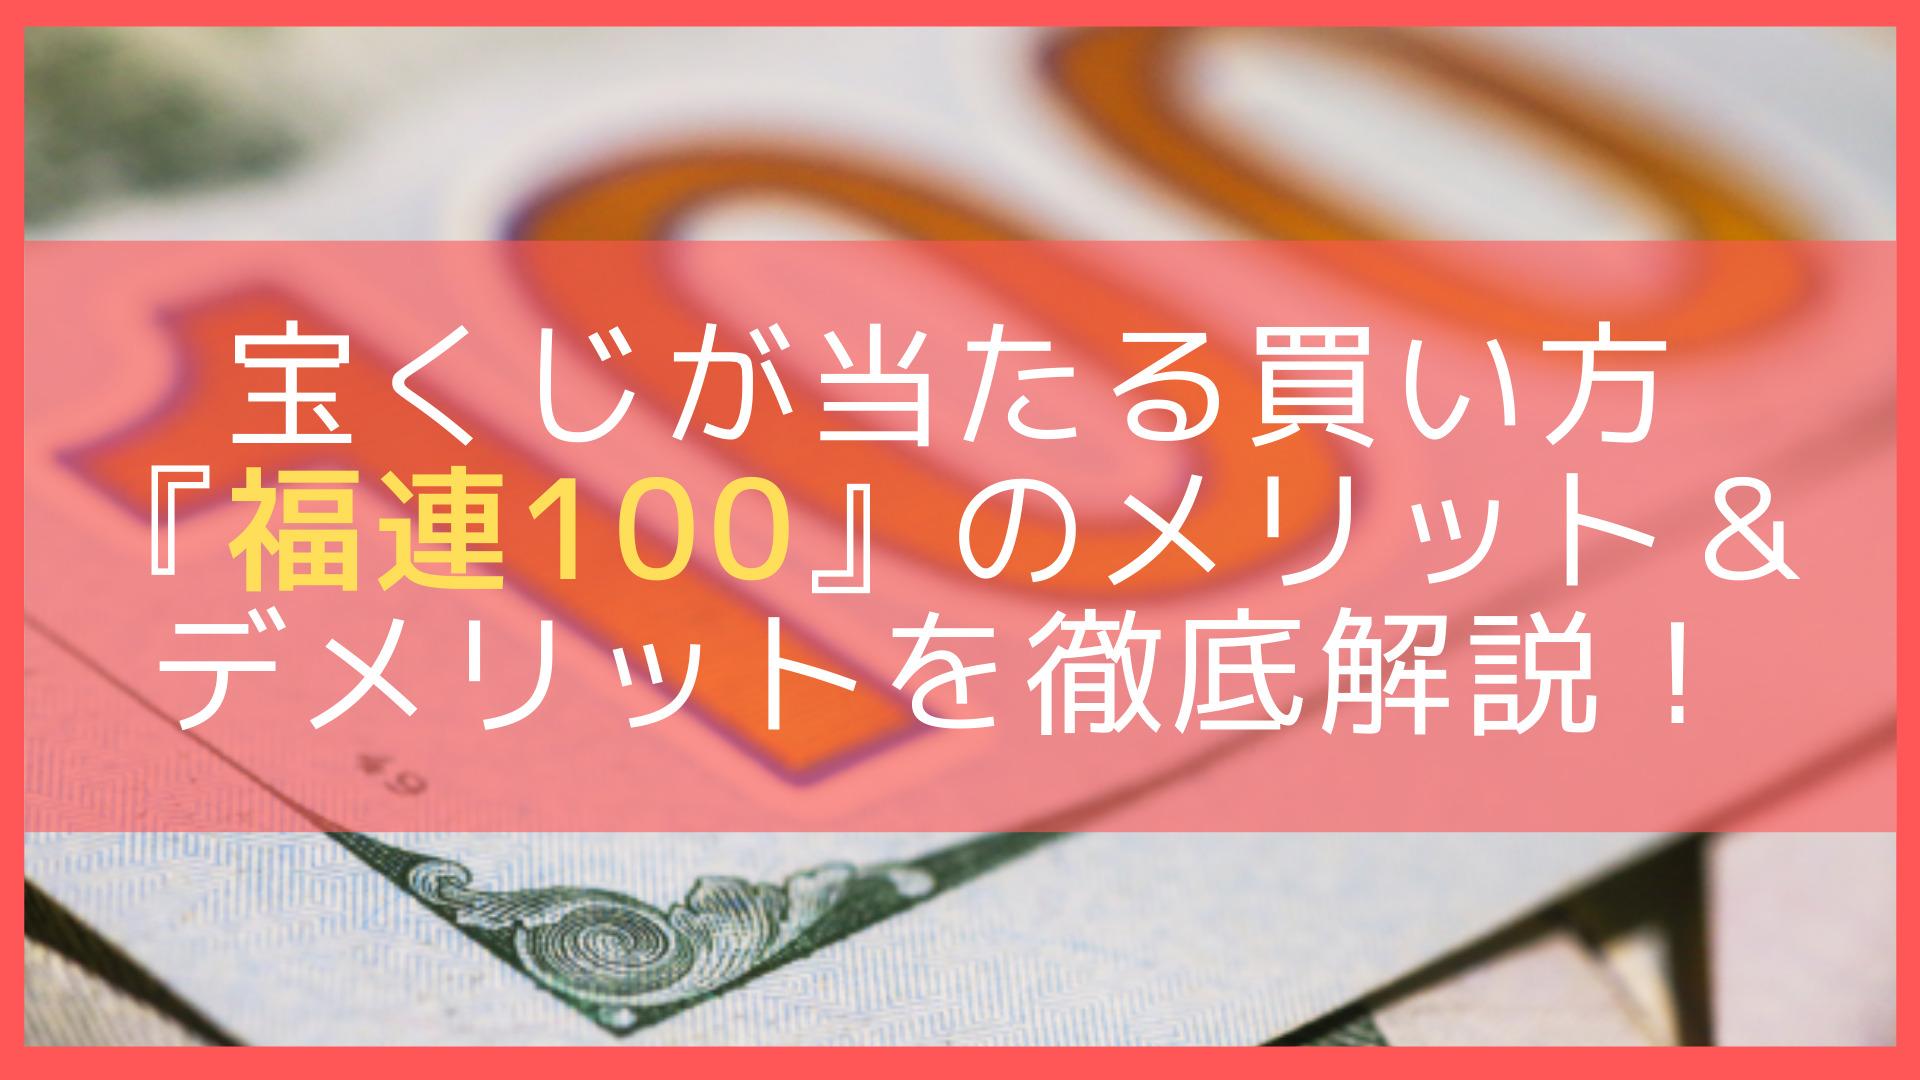 宝くじが当たる買い方「福連100」の参考画像